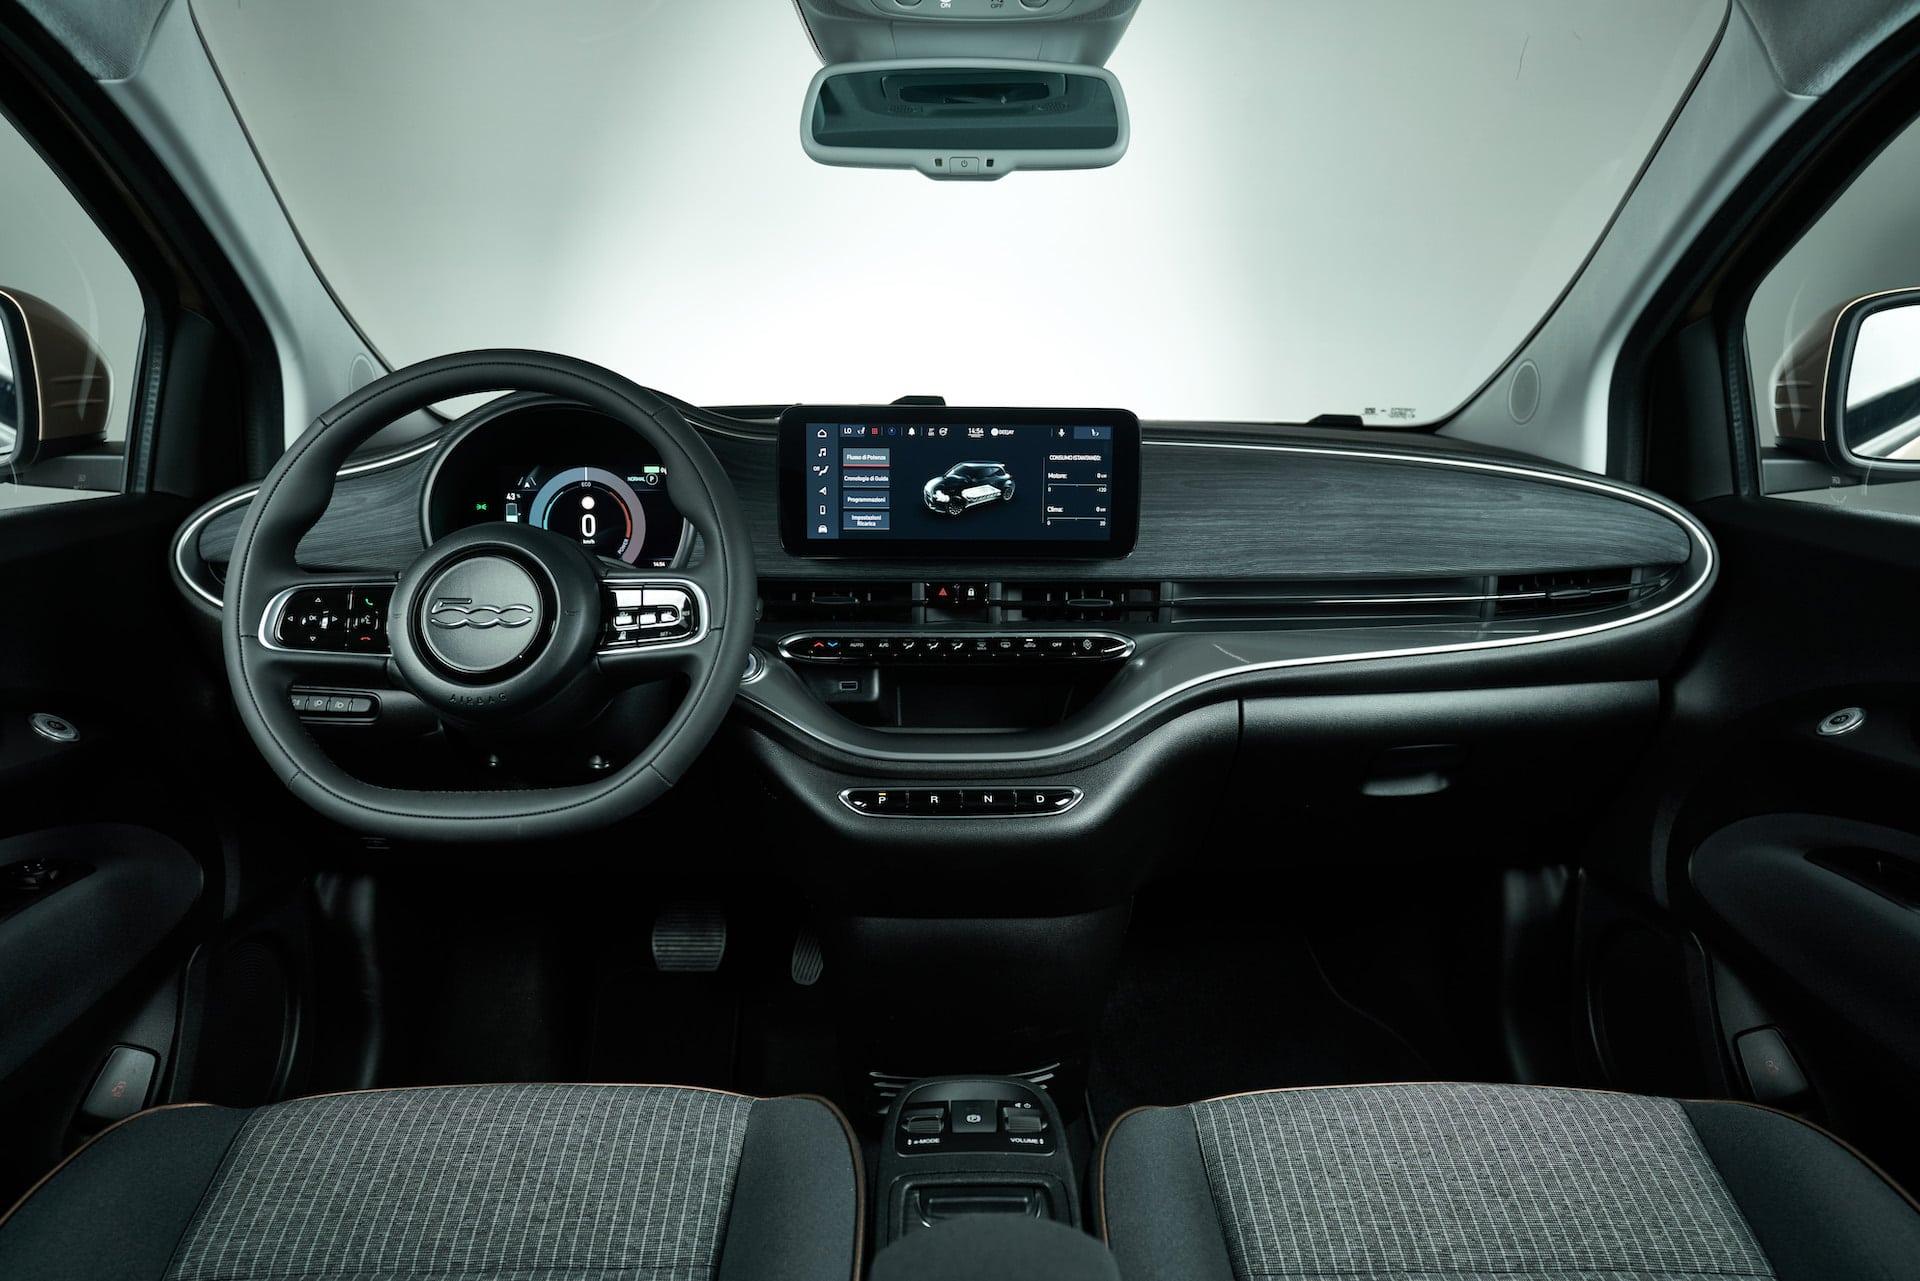 Fiat-500-Elektroauto-Innenraum